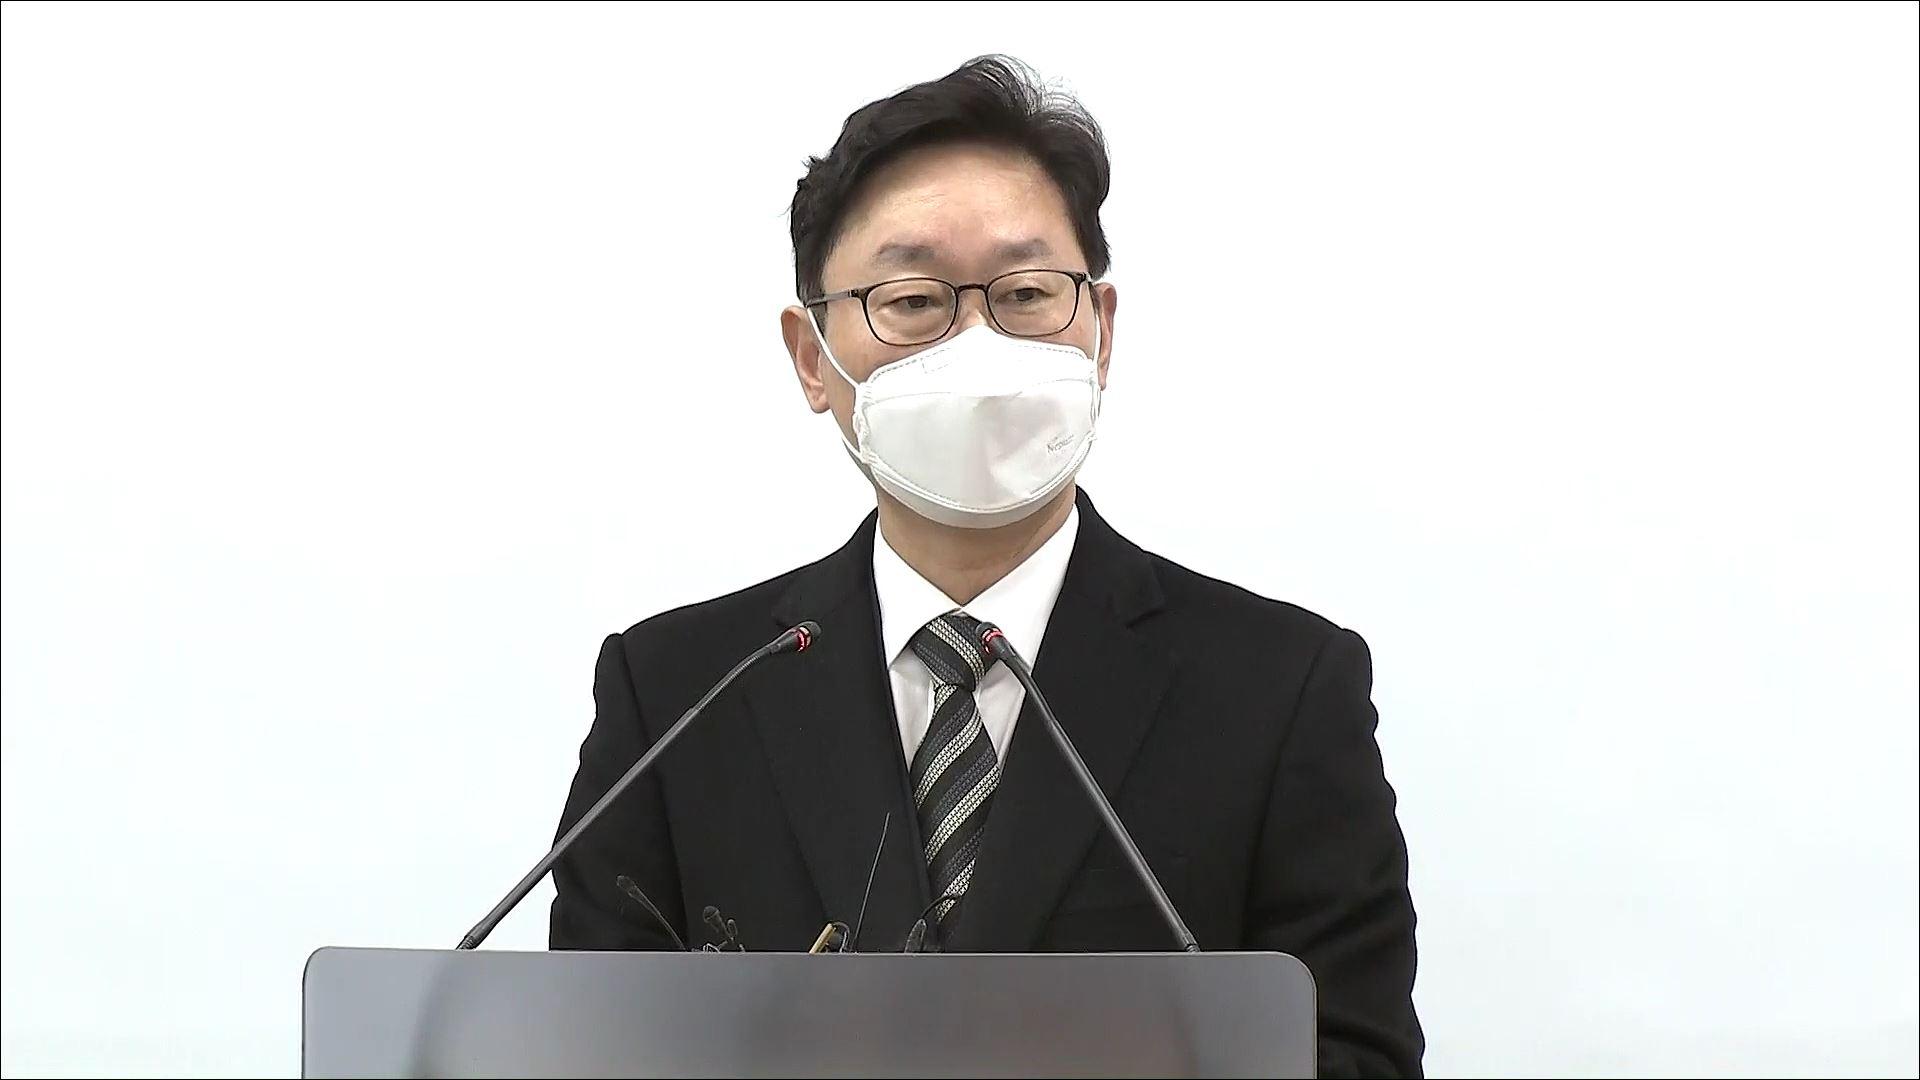 박범계 '검사들, 檢 개혁 동참해달라'…재산 누락엔 '제 불찰'